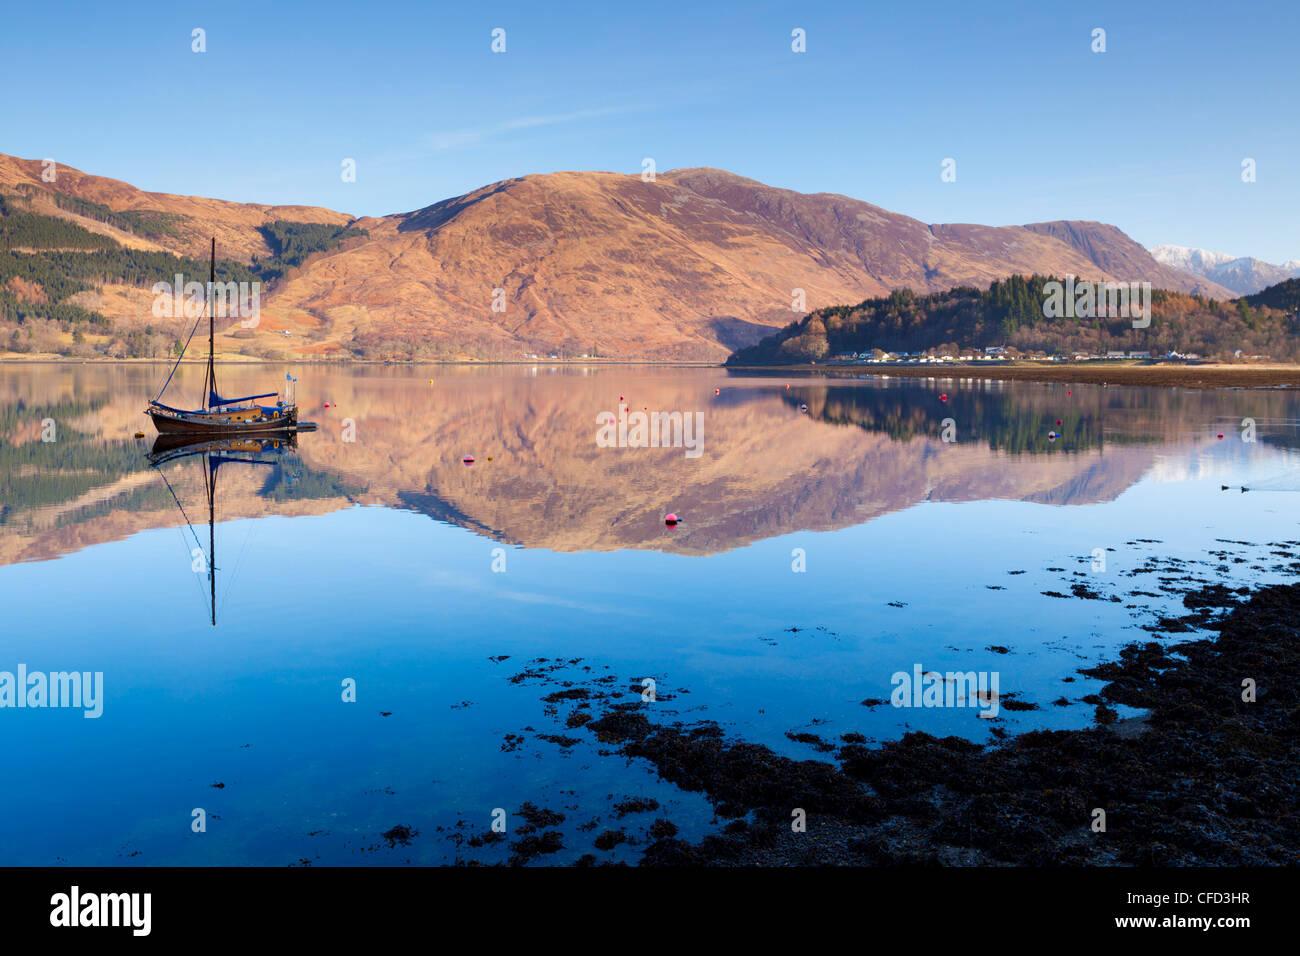 Malerische ruhige Loch Leven mit Segelboot und Reflexion von Glen Coe Dorf, Highlands, Schottland, Vereinigtes Königreich Stockbild